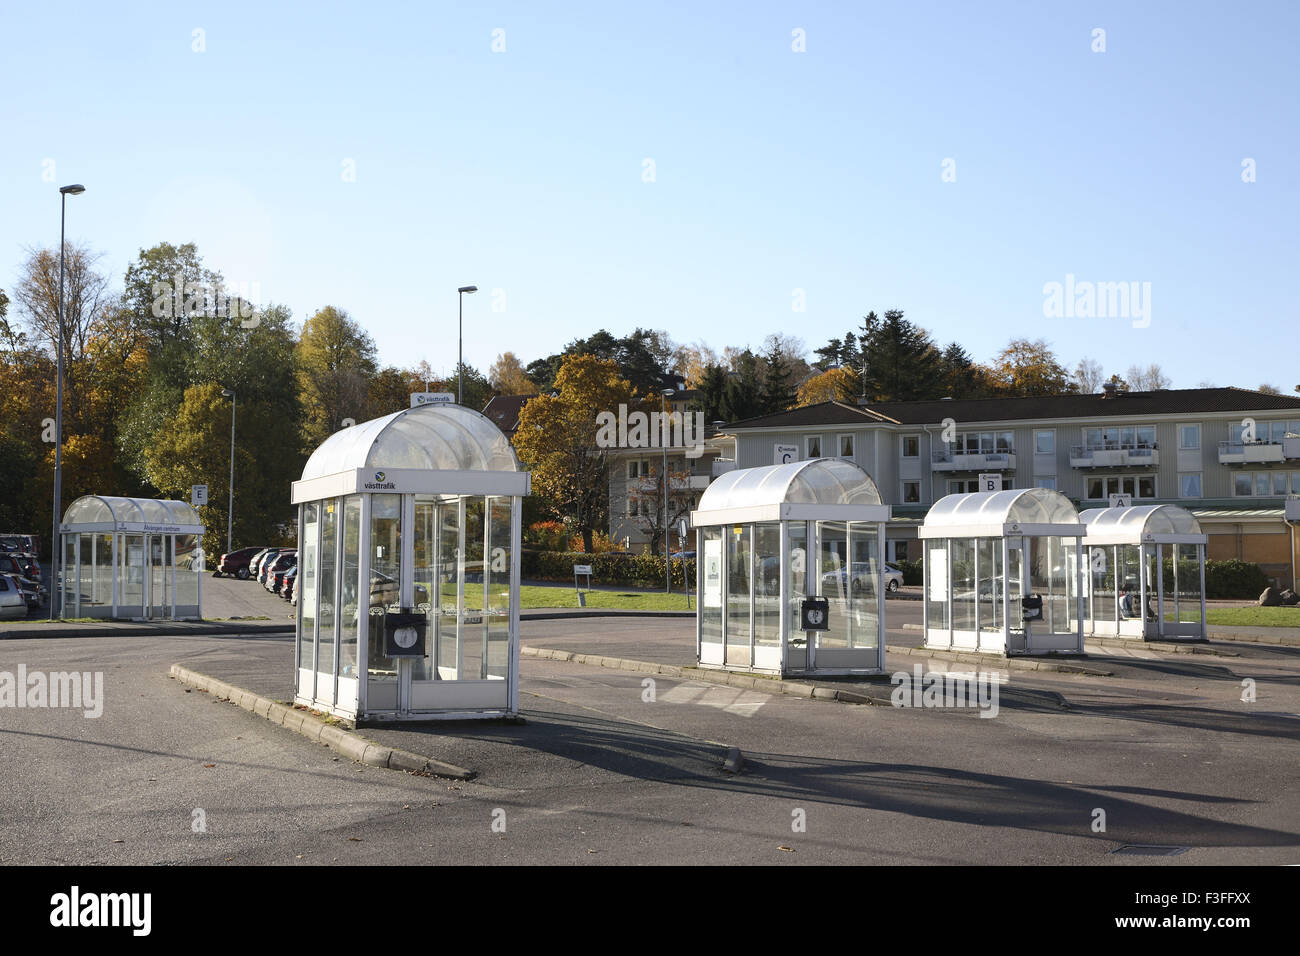 359 Logistik jobs in lvngen, Vastra Gotaland County, Sweden